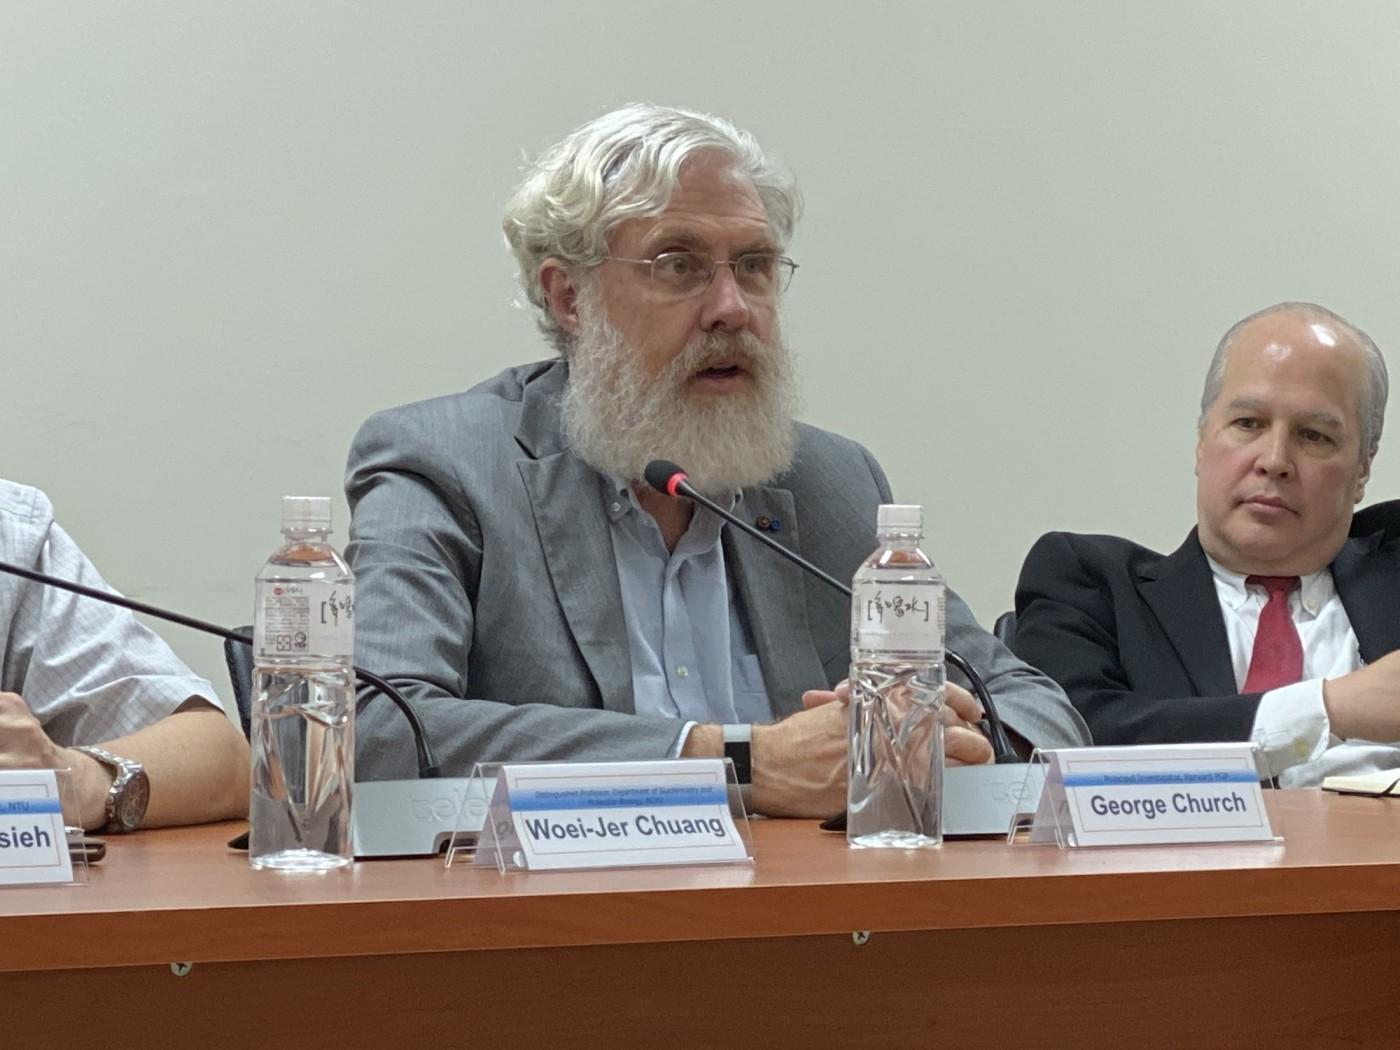 個人基因圖譜庫之父 George Church 來台:期望台灣加入